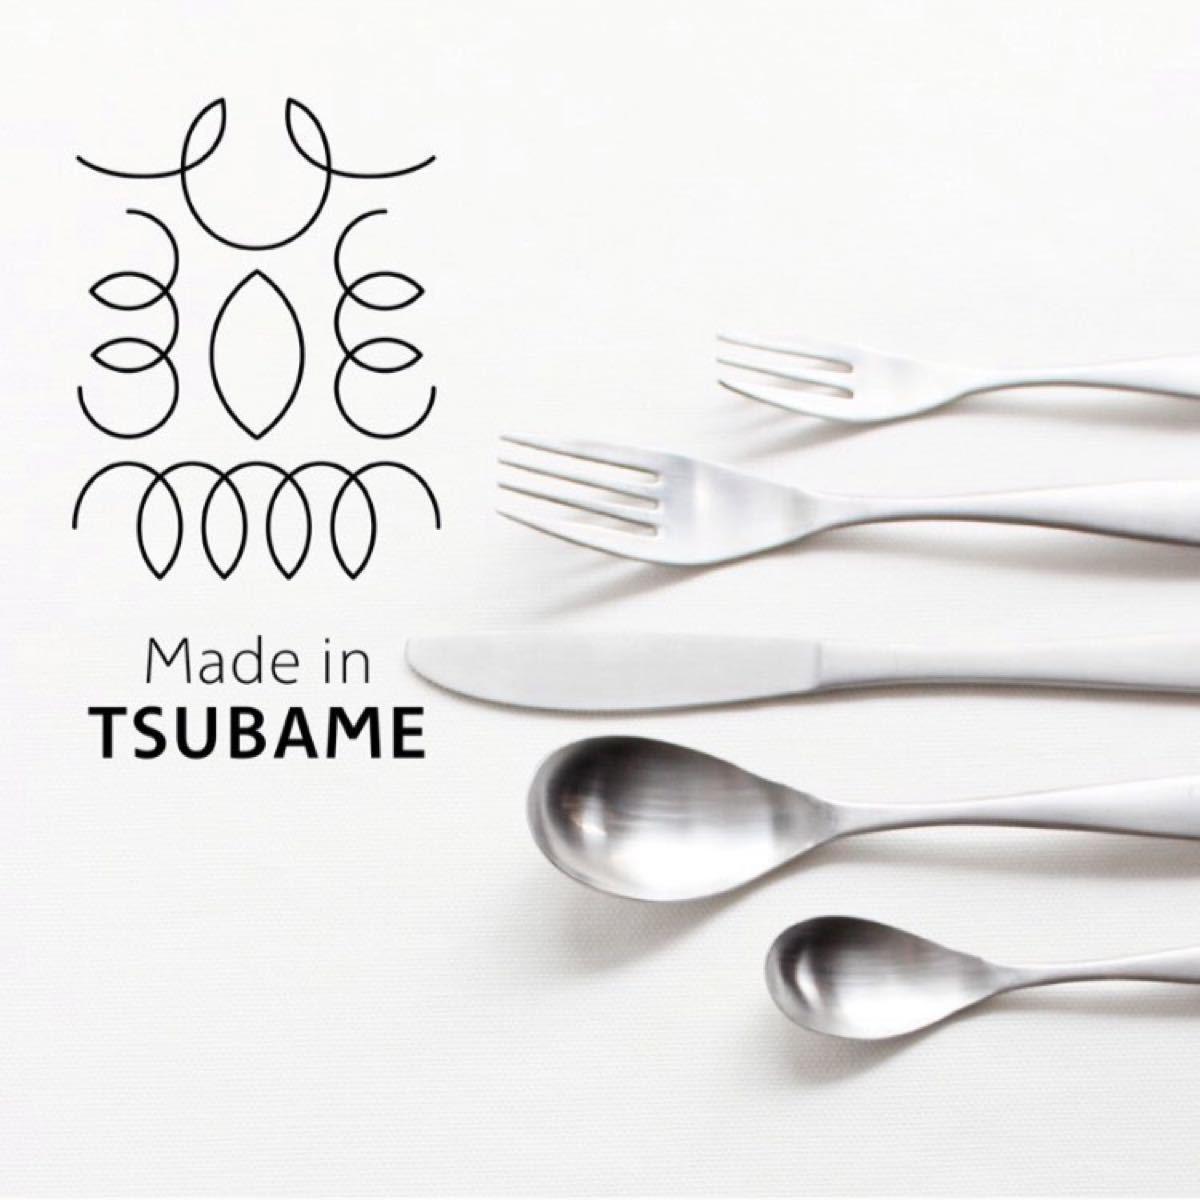 ツバメカトラリー 4本セット フォーク大&スプーン大 新品未使用 made in tsubame 燕